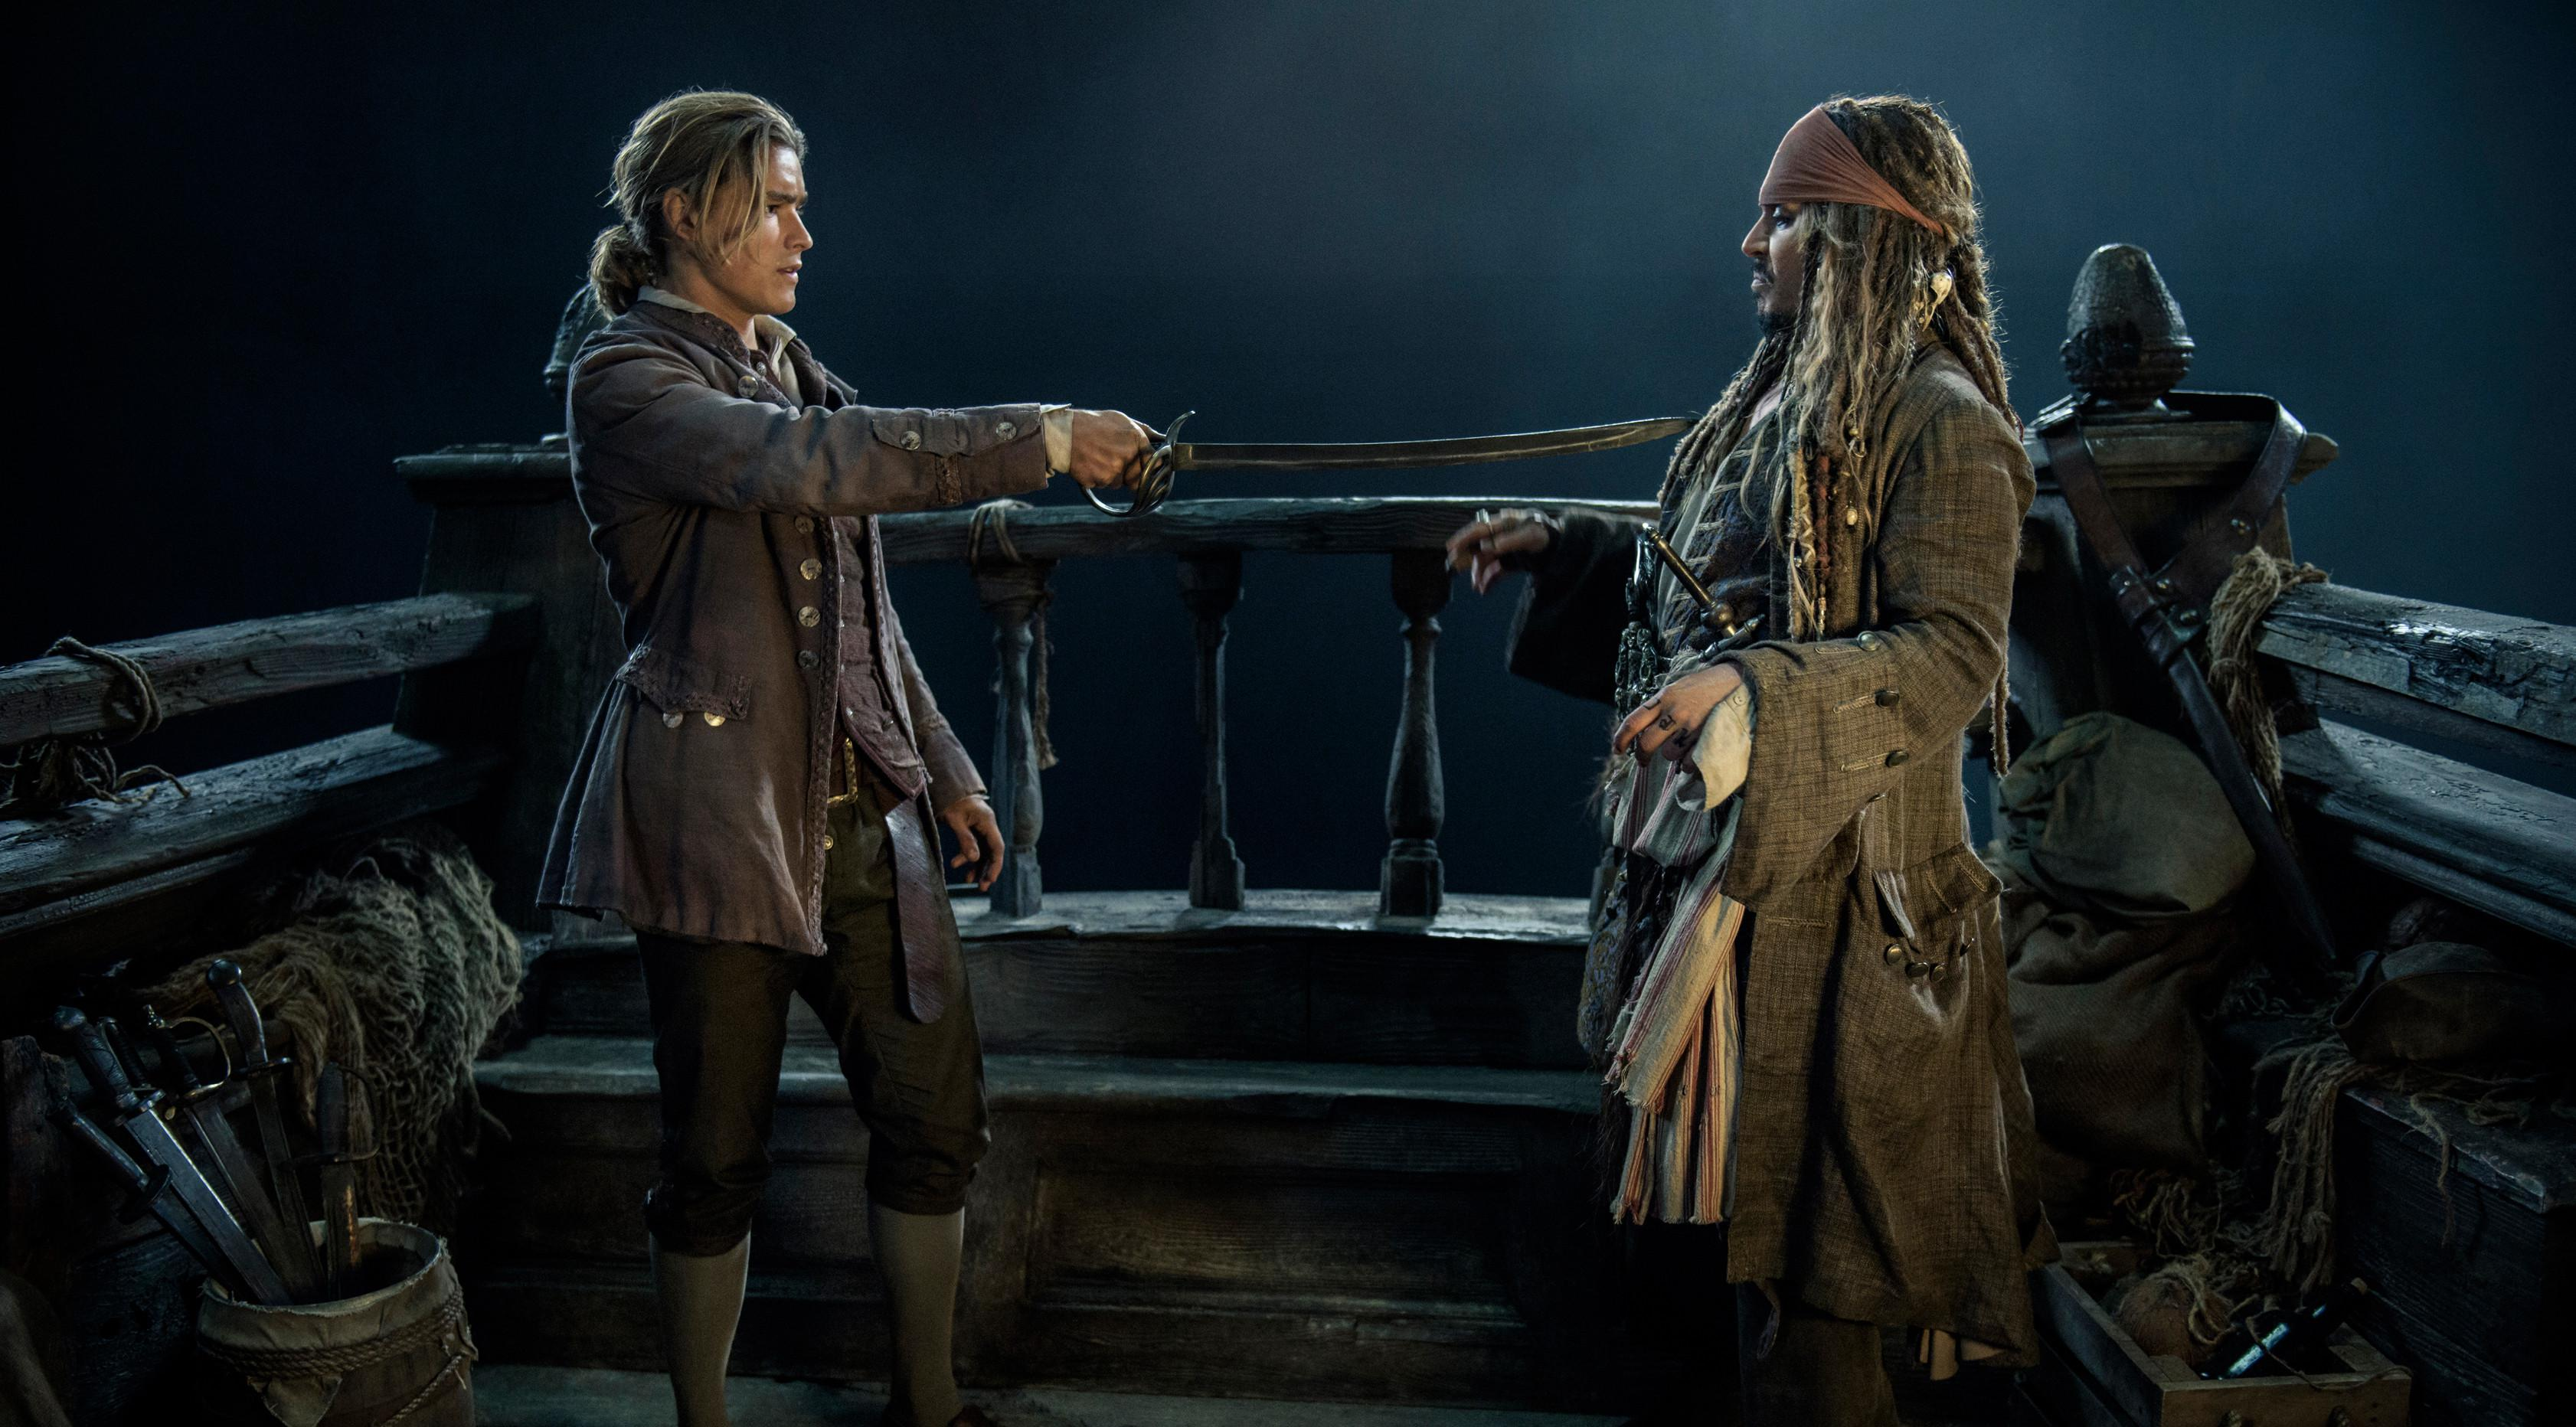 """Henry Turner yang diperankan oleh Brenton Thwaites saat beradegan dengan Jack Sparrow yang diperankan Johnny Depp di Film """"Pirates of the Caribbean: Dead Men Tell No Tales."""" (Peter Mountain / Disney via AP)"""